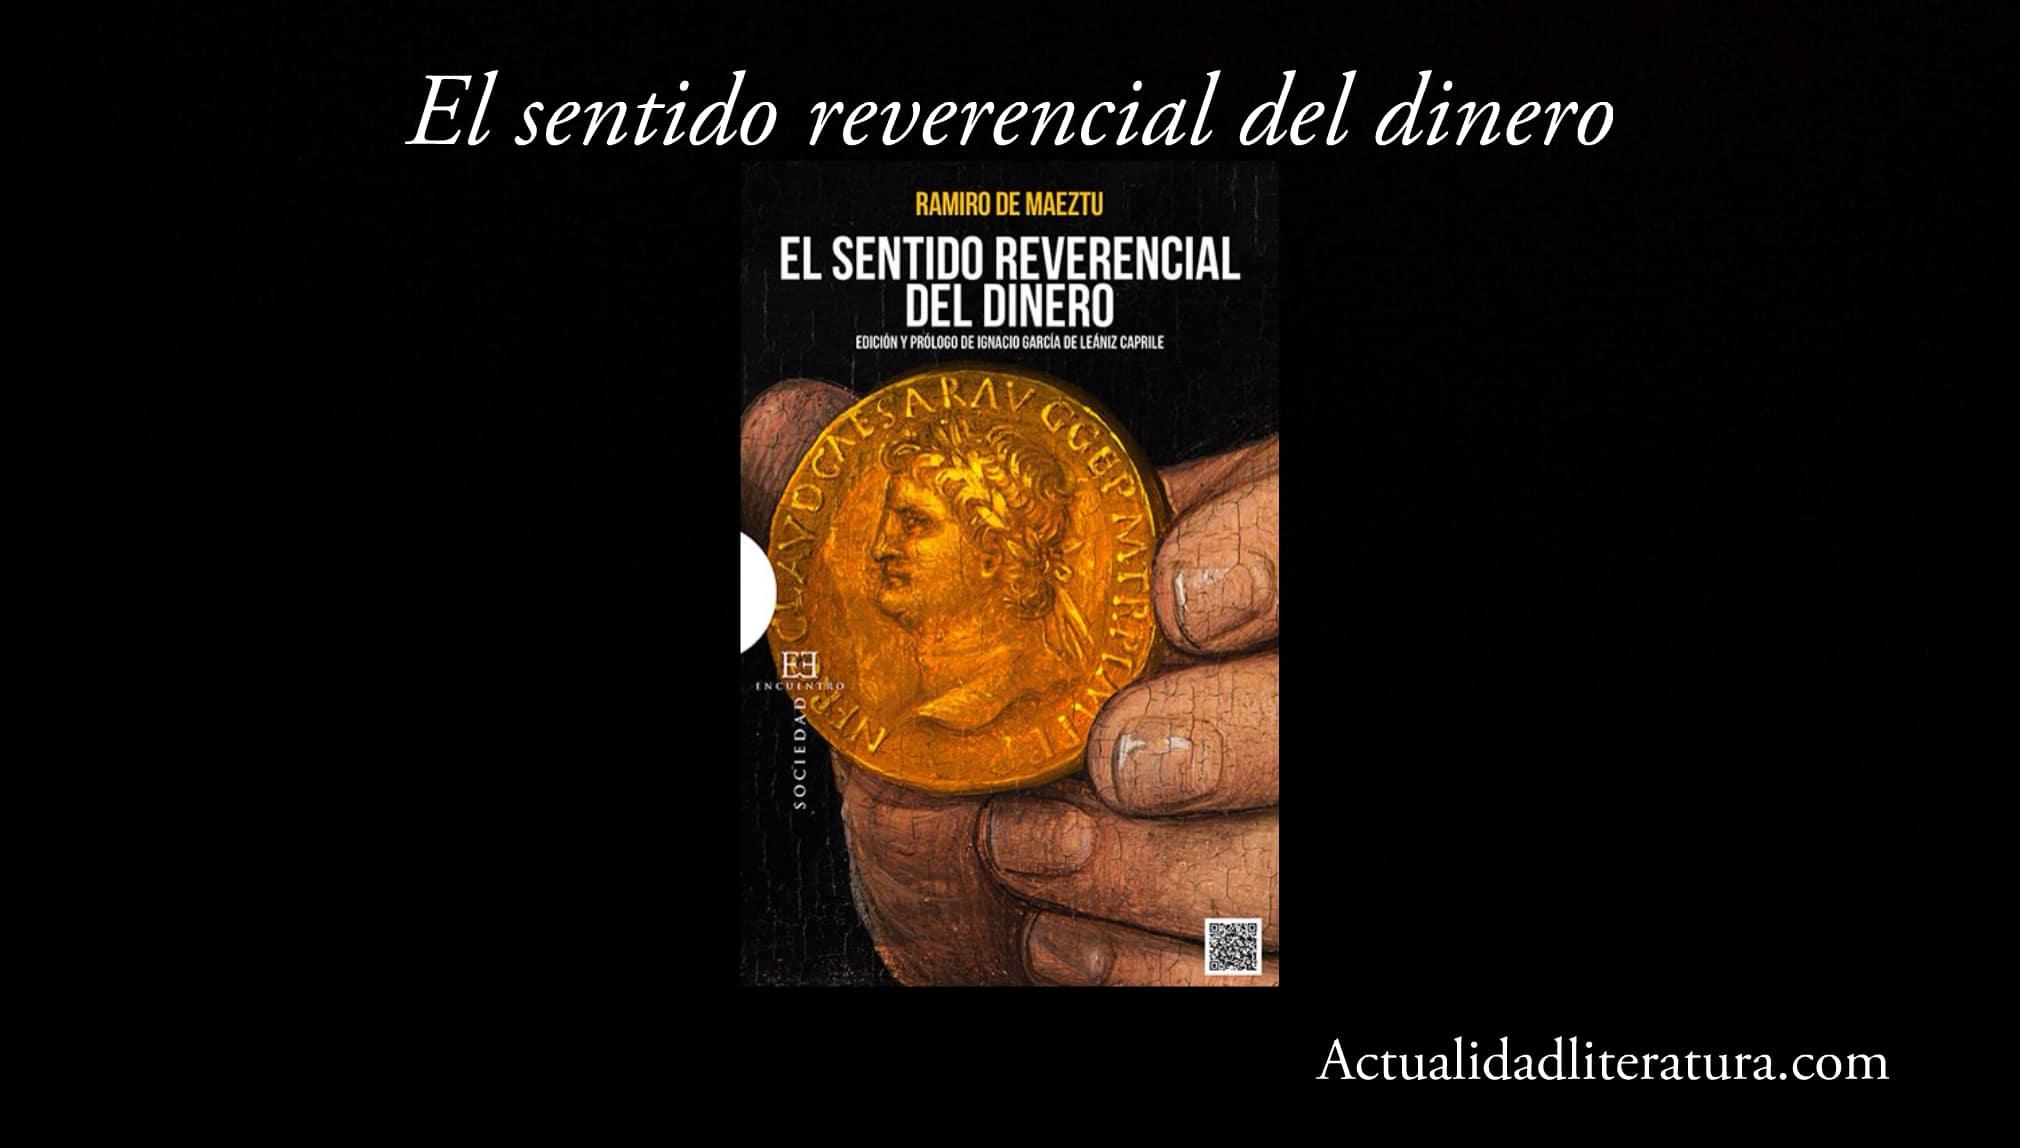 El sentido reverencial del dinero.